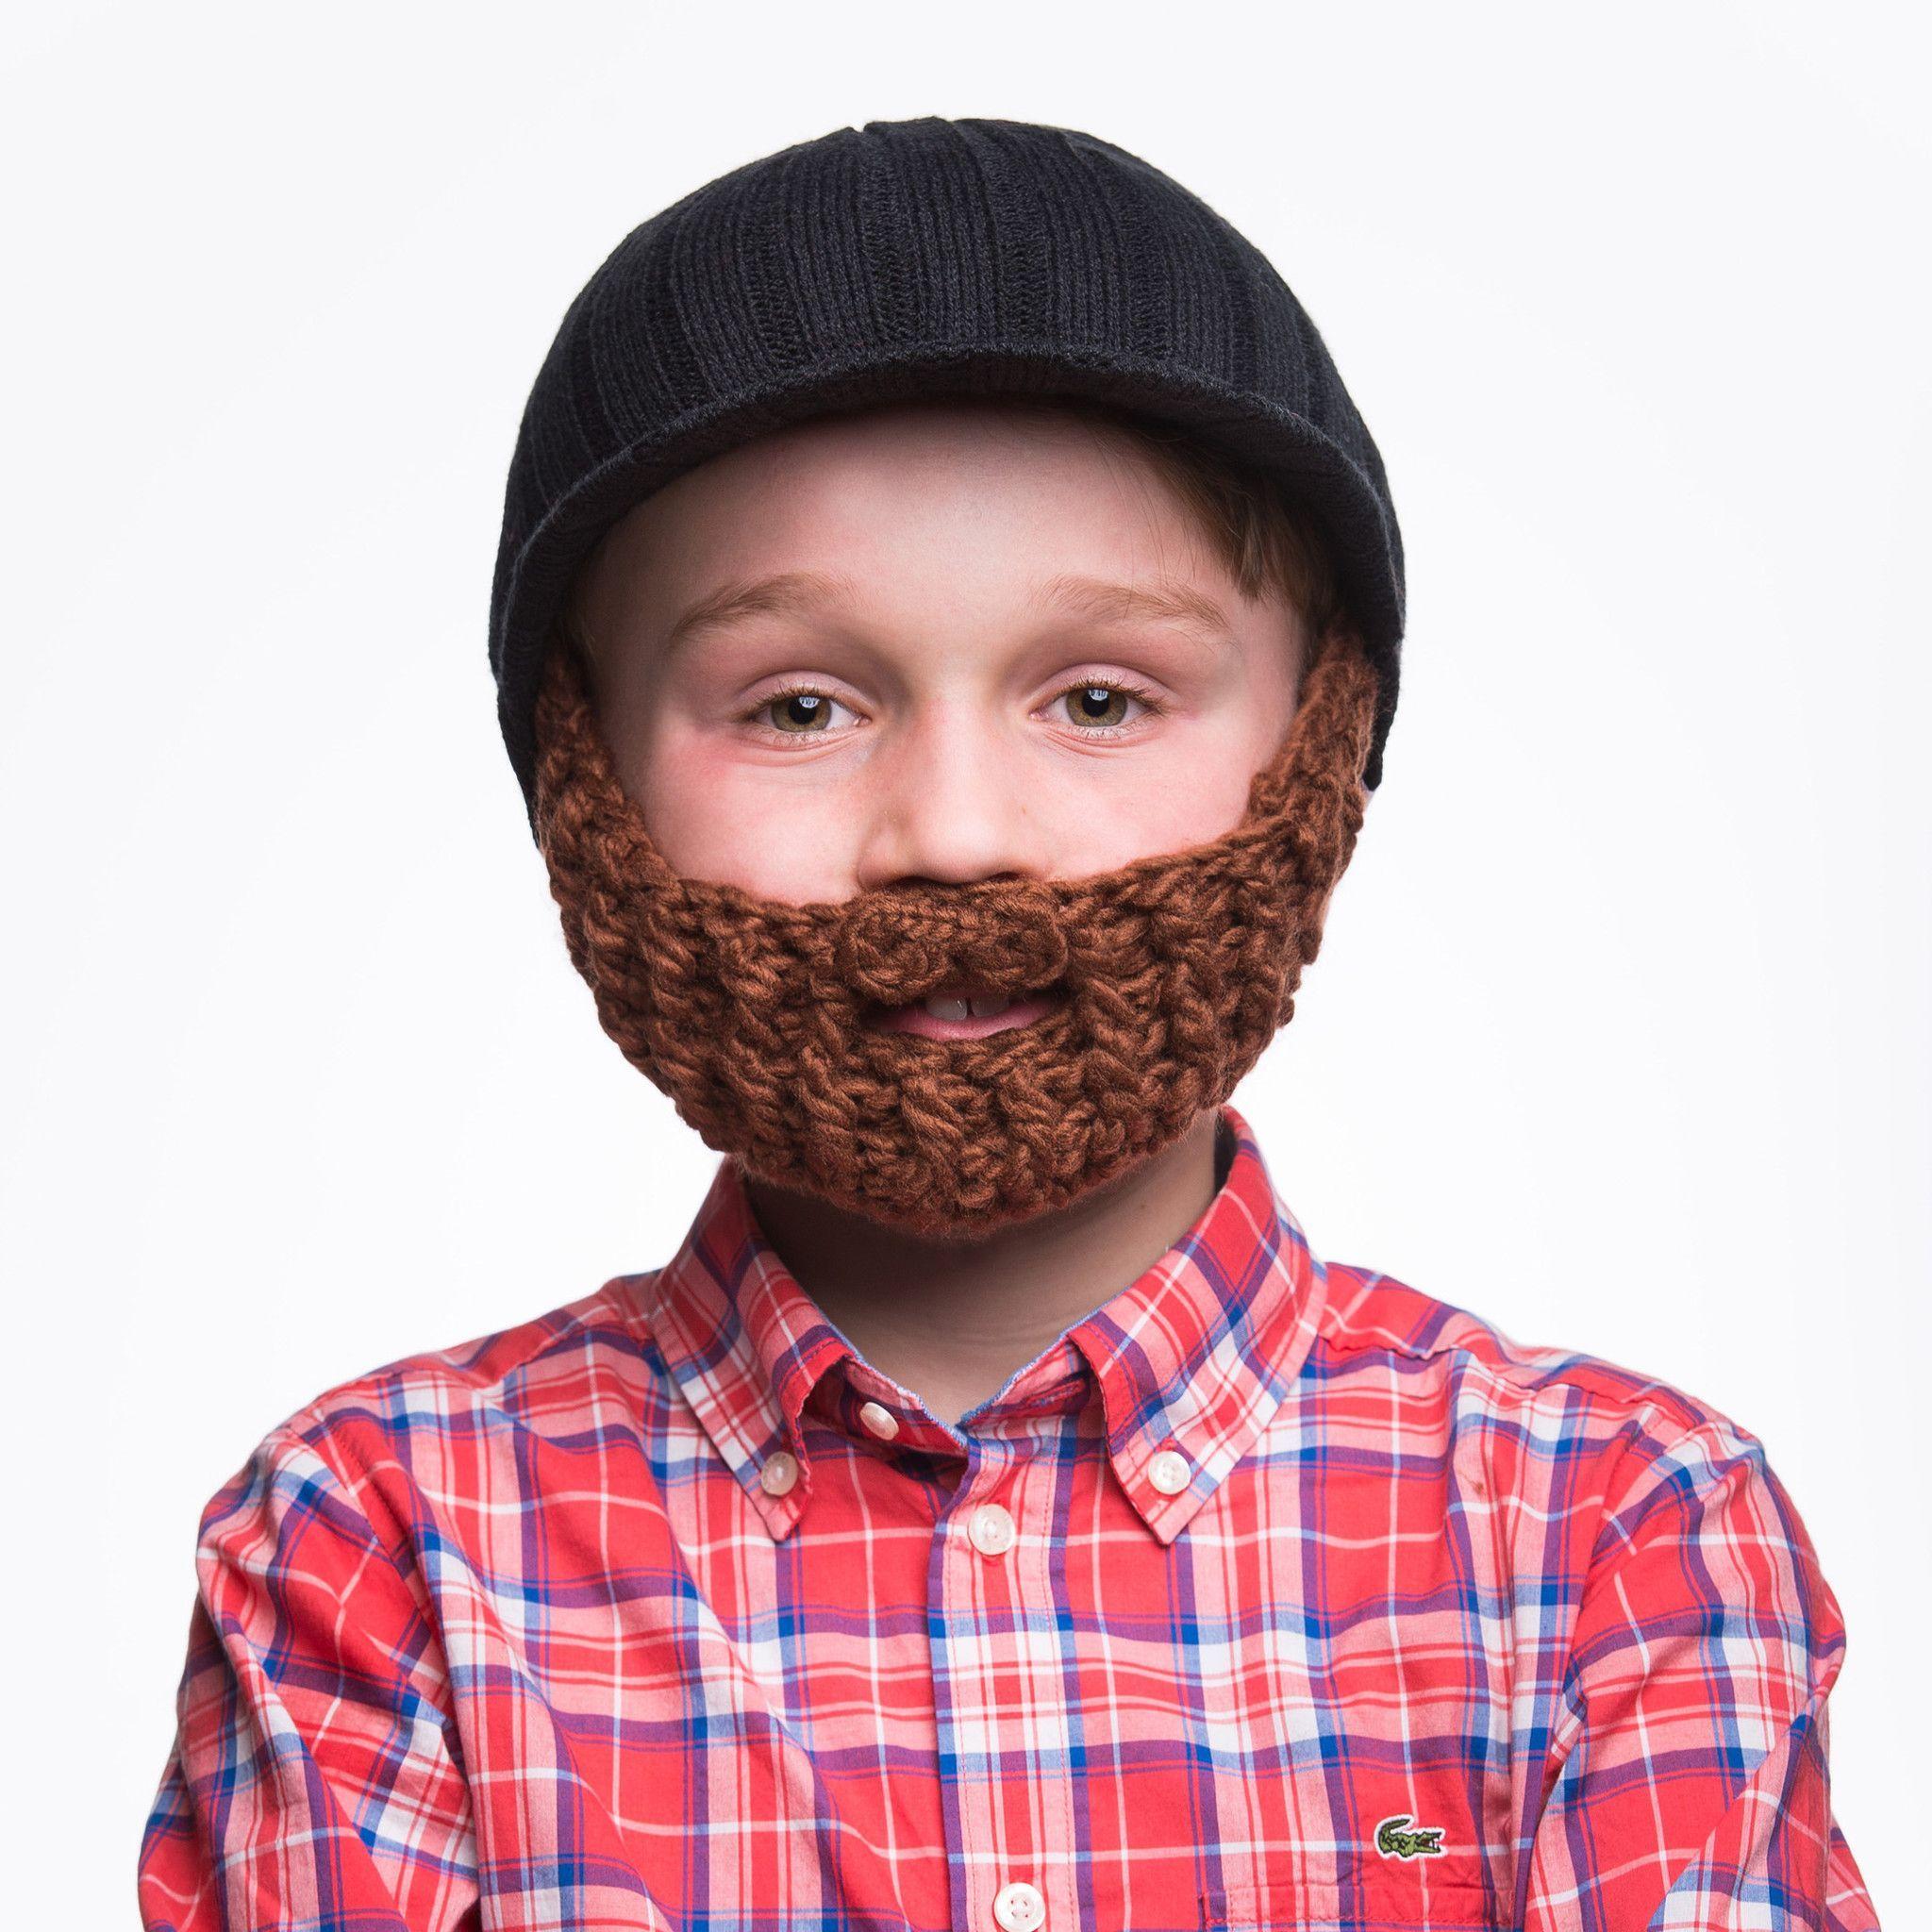 776dba45004 KIDS Beardo Beard Hats